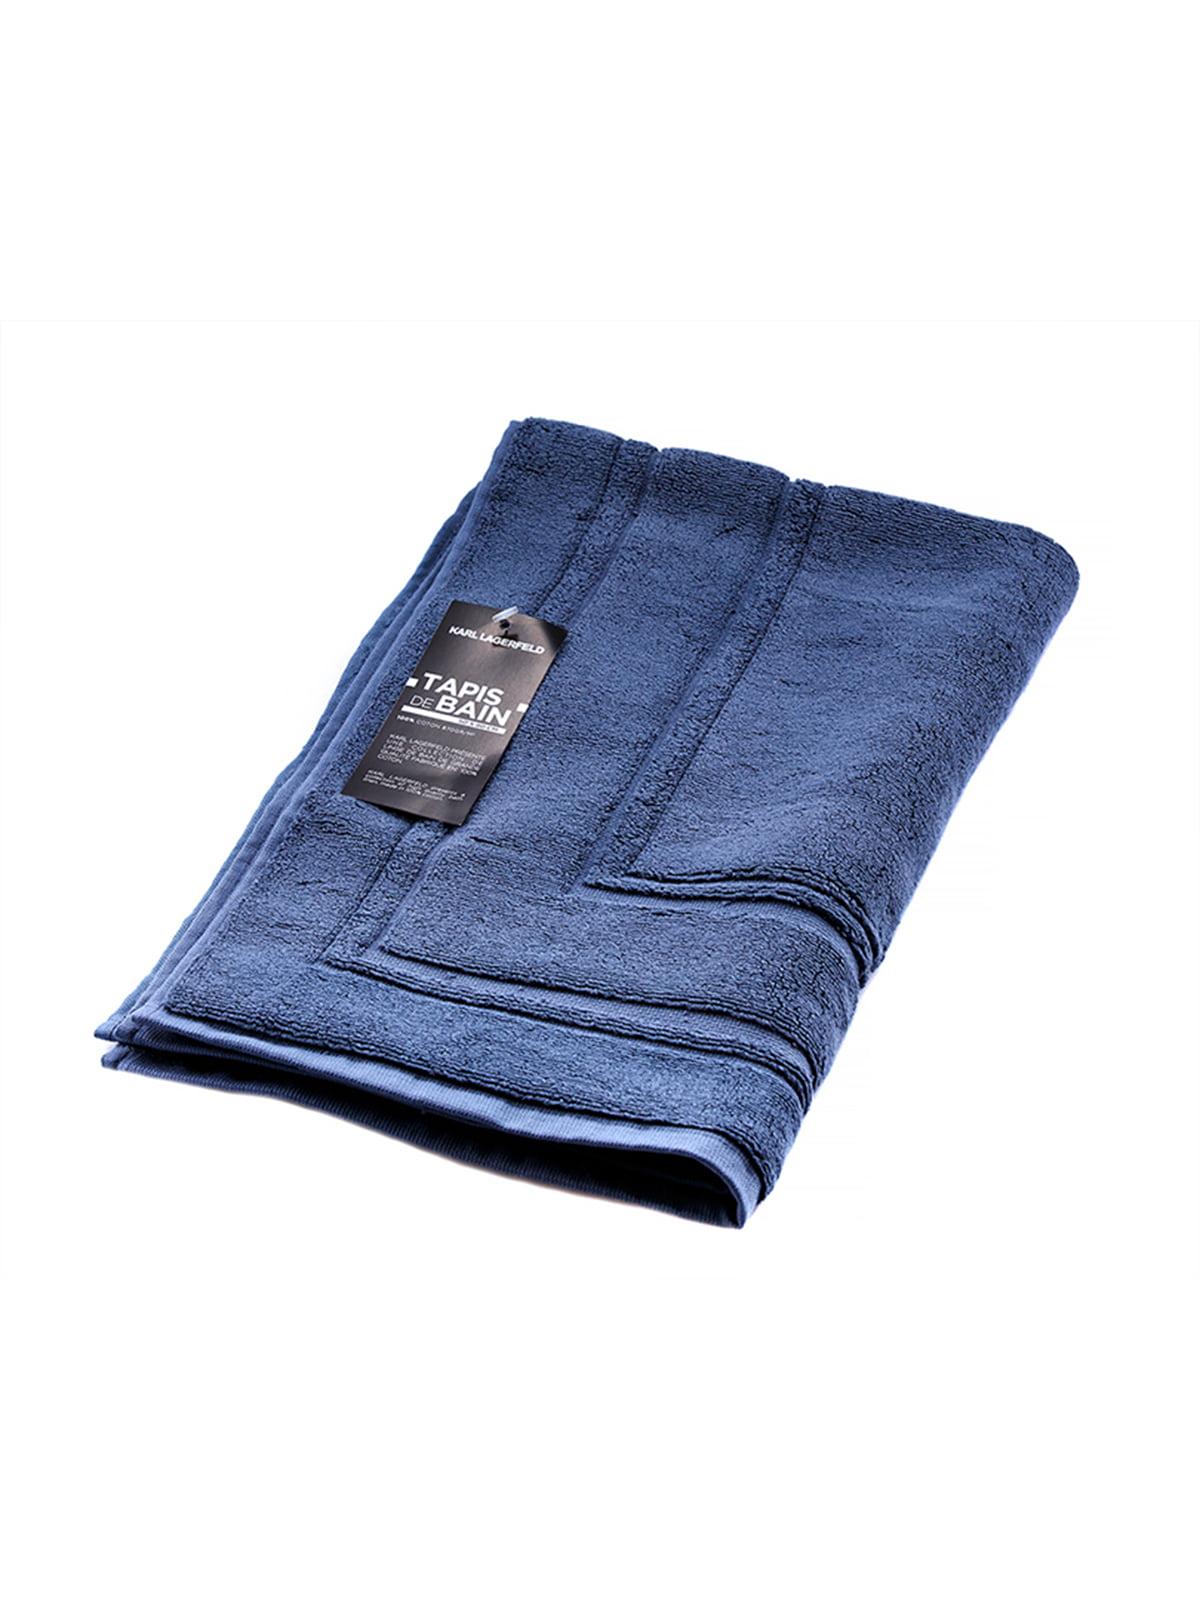 Полотенце-коврик для ног синее (50х80 см)   4136830